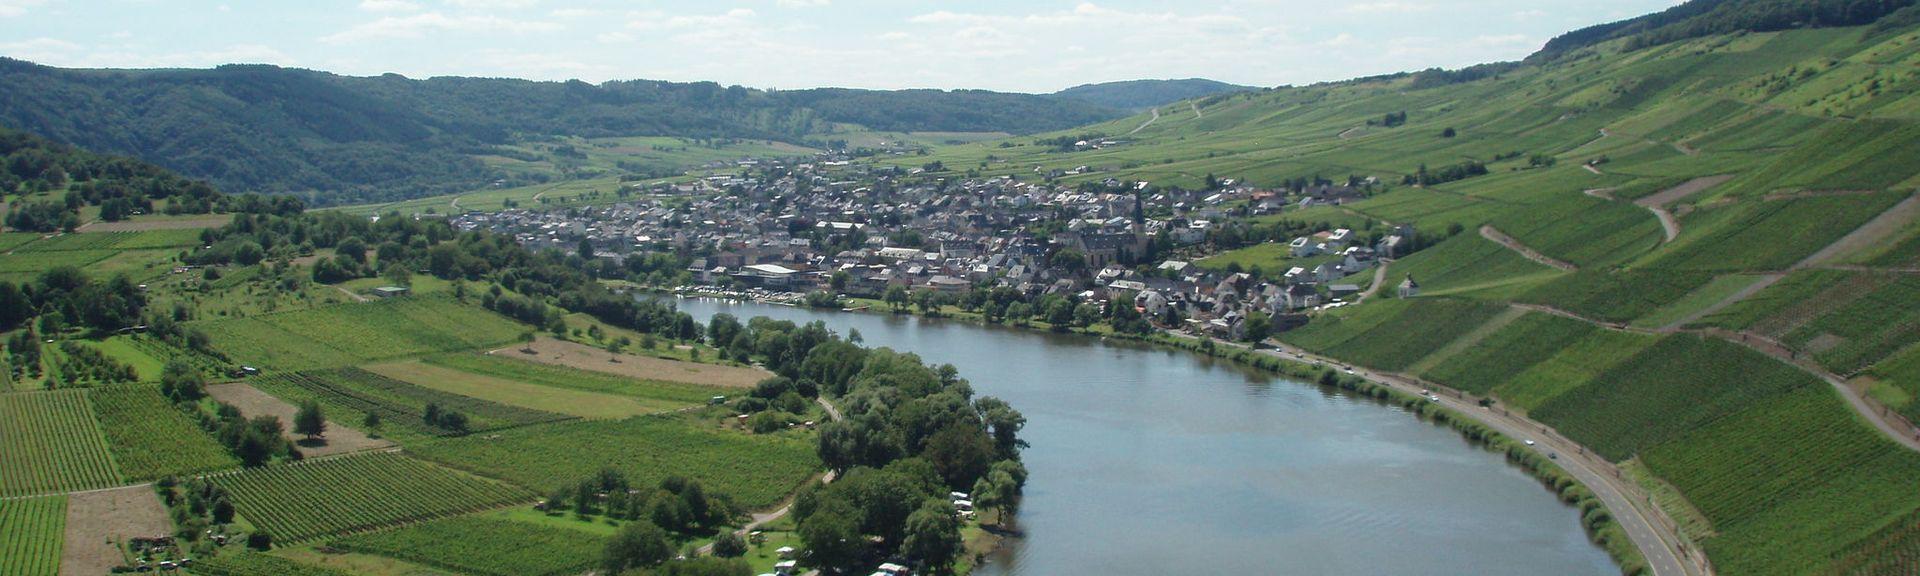 Leiwen, Rhineland-Palatinate, Germany